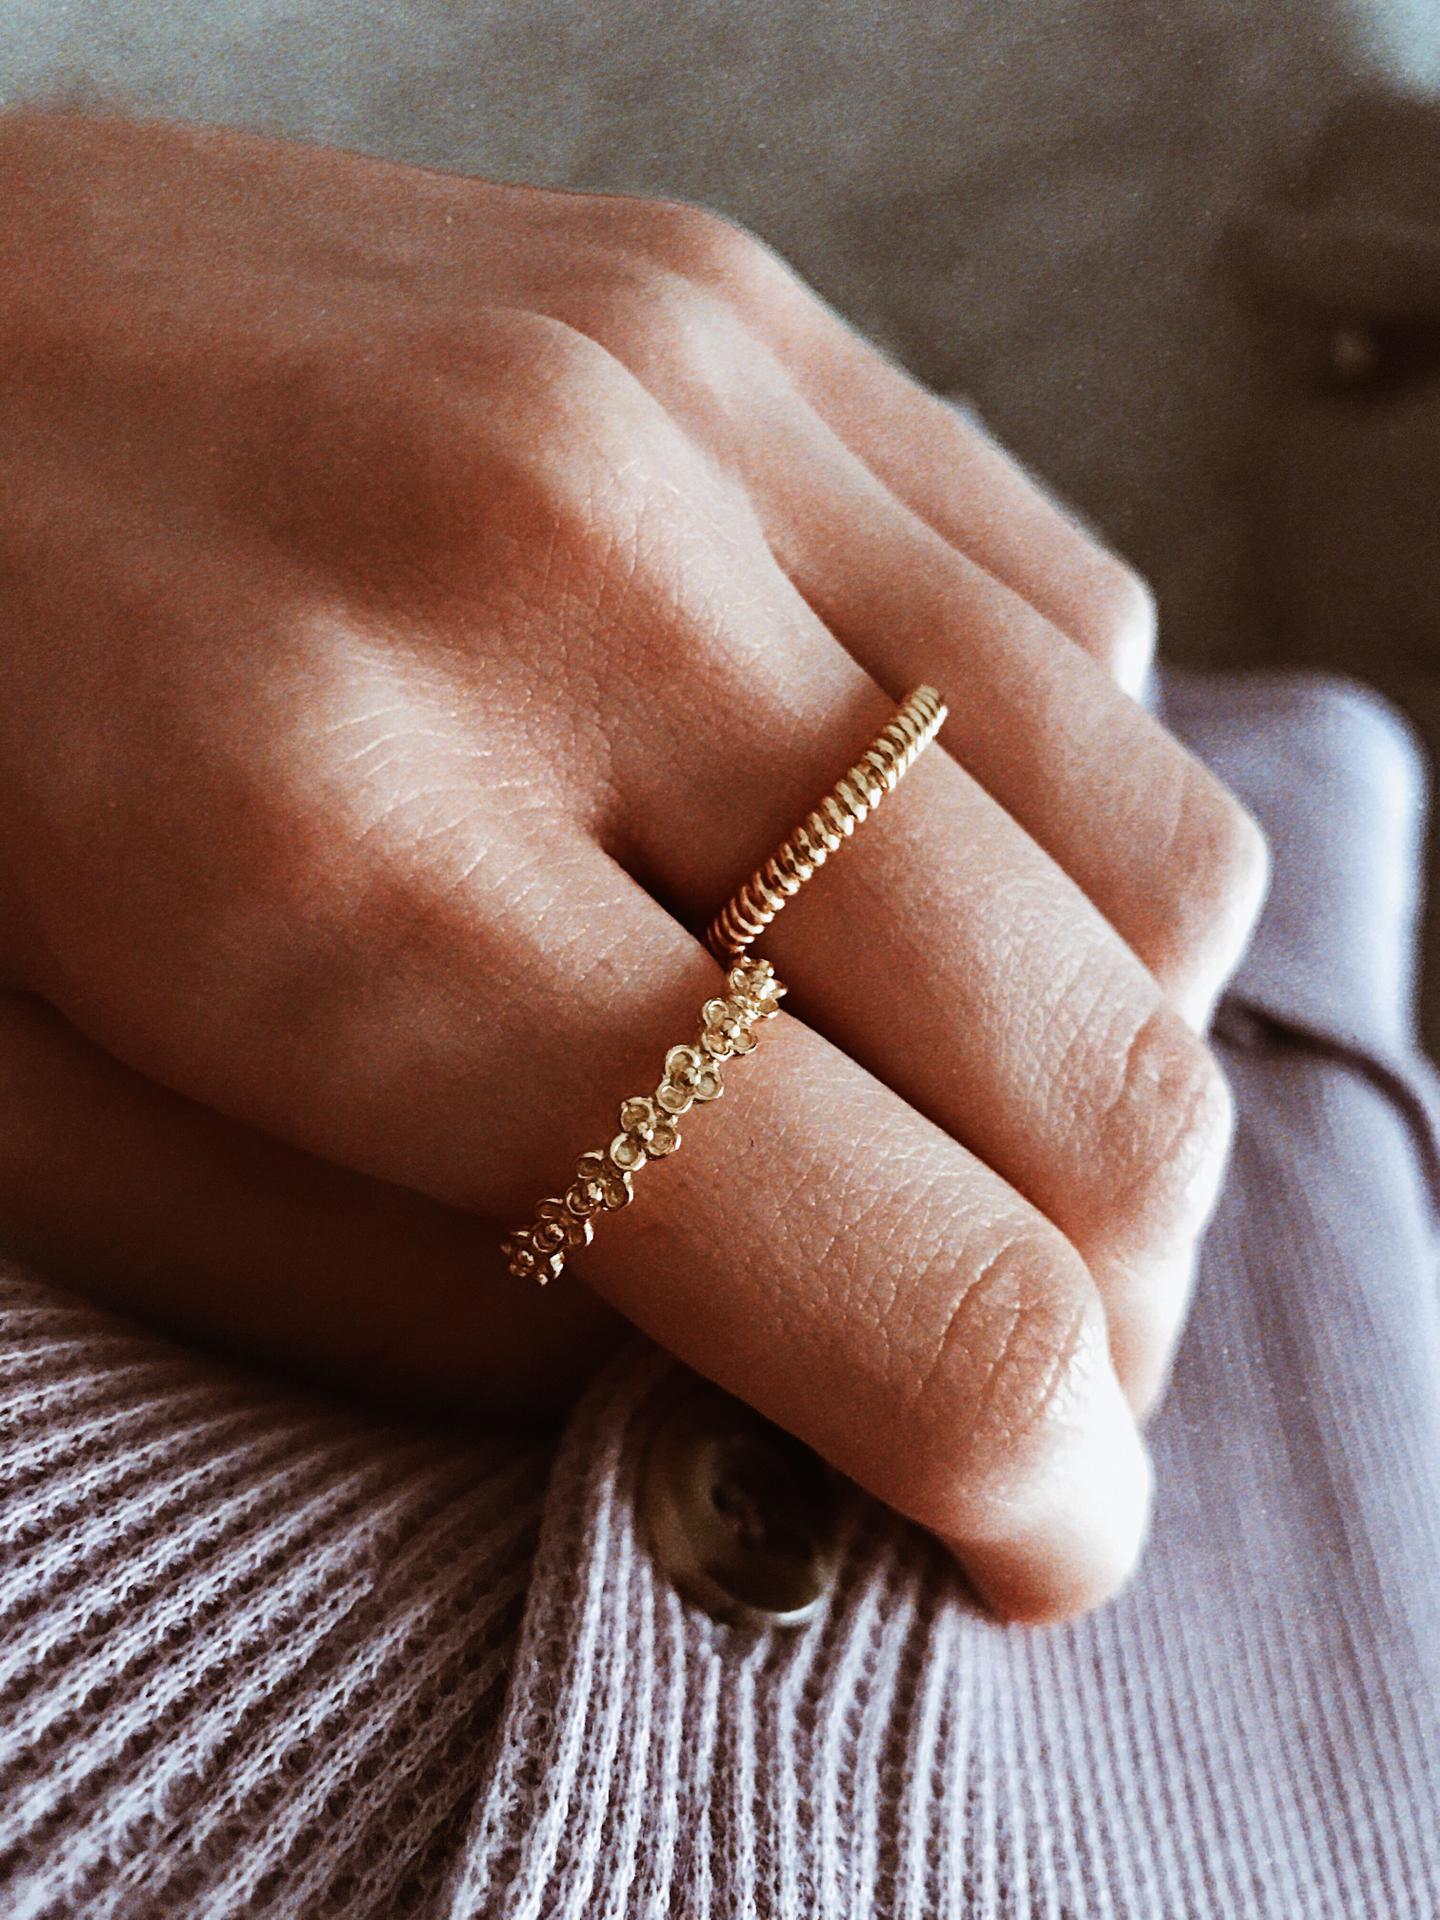 Anéis em prata dourada com banho de ouro - New collection